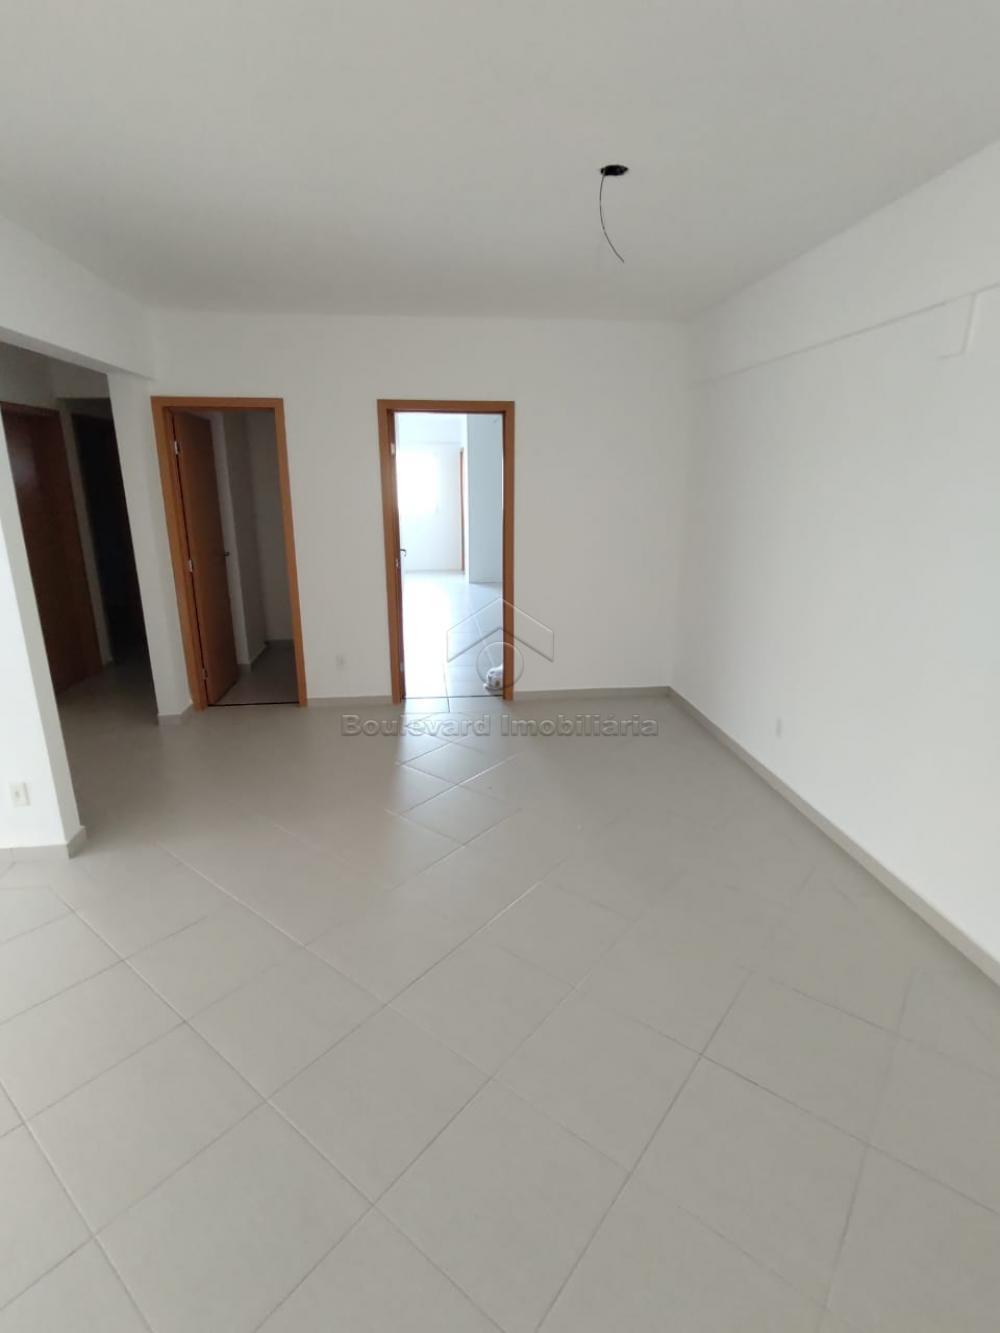 Comprar Apartamento / Padrão em Ribeirão Preto R$ 500.000,00 - Foto 2